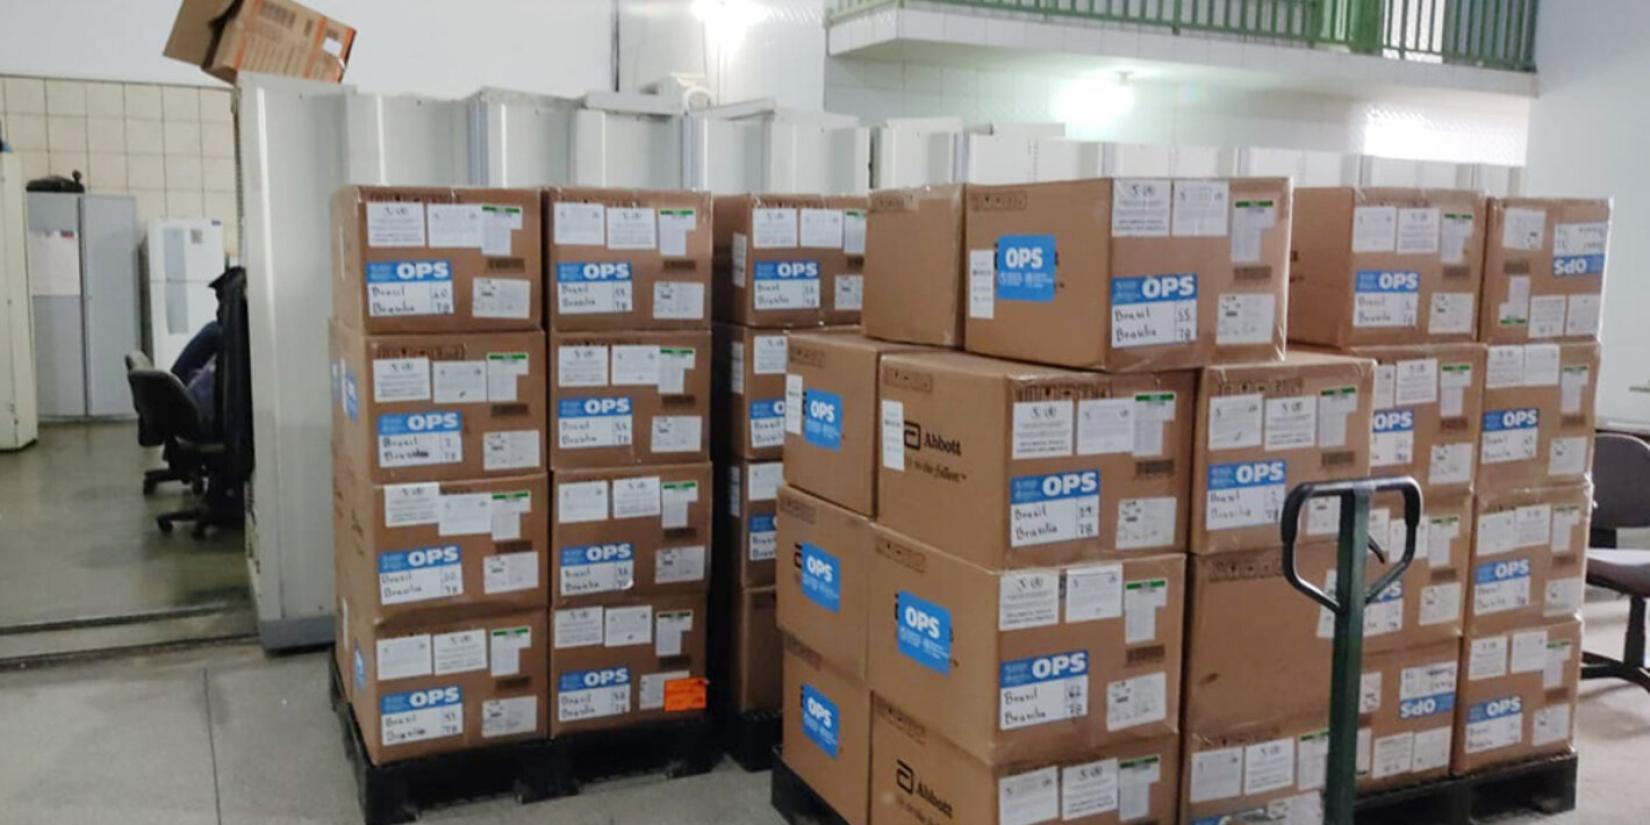 Testes de diagnóstico da COVID-19 armazenados no estado de Rondônia.